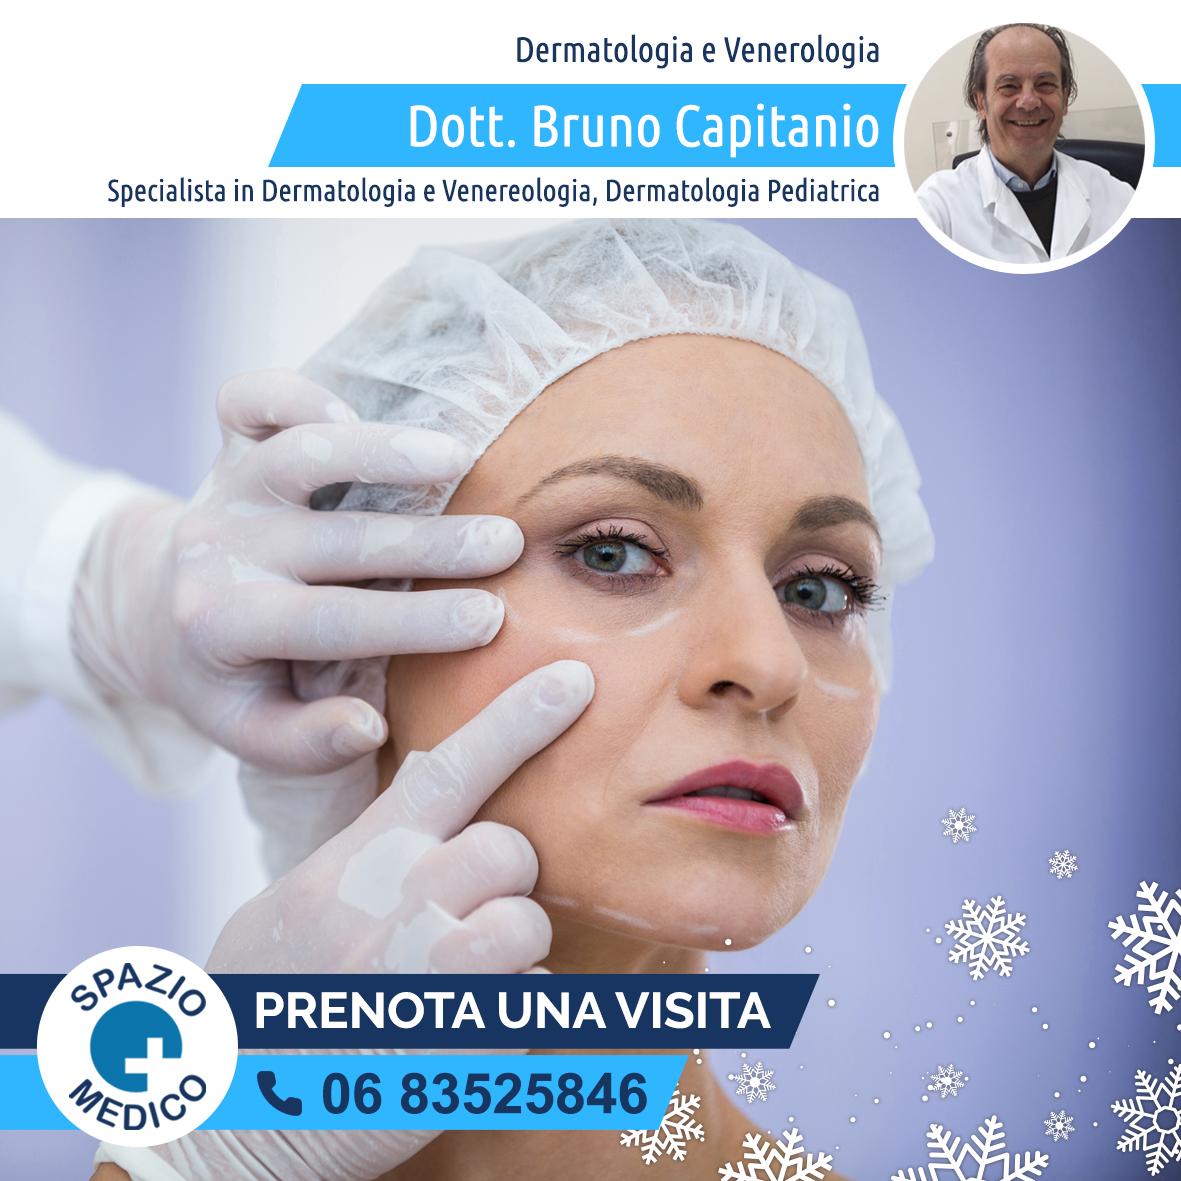 Dermatologia e Venerologia